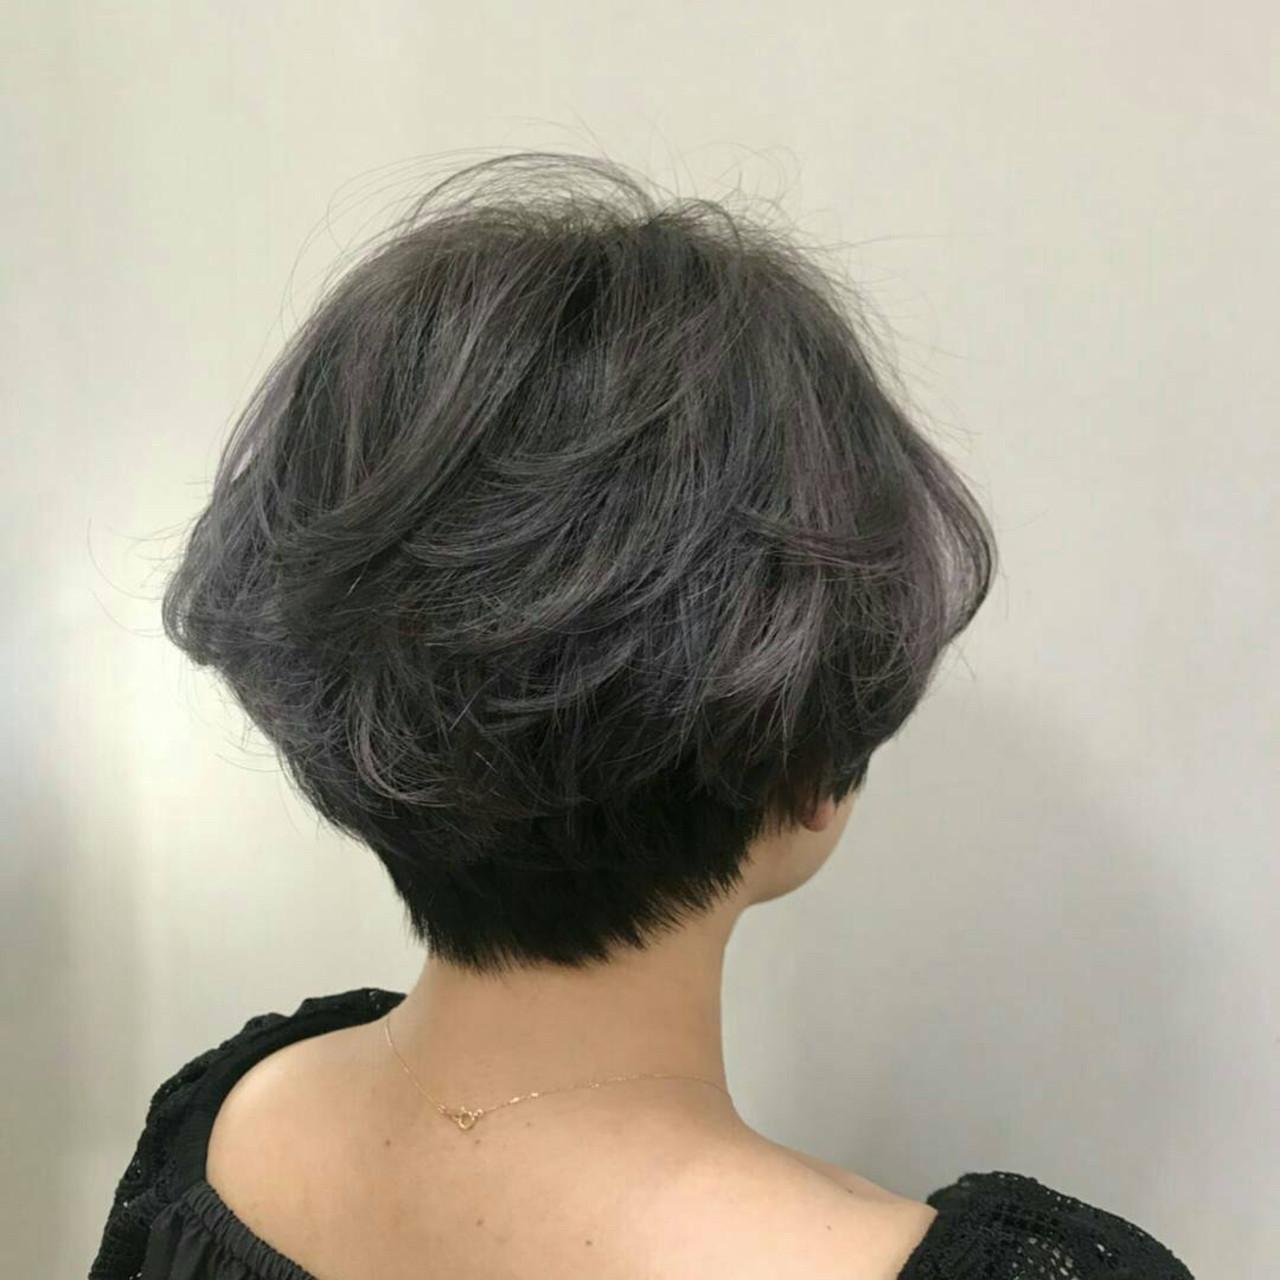 モード 福岡市 グレーアッシュ 外国人風カラー ヘアスタイルや髪型の写真・画像